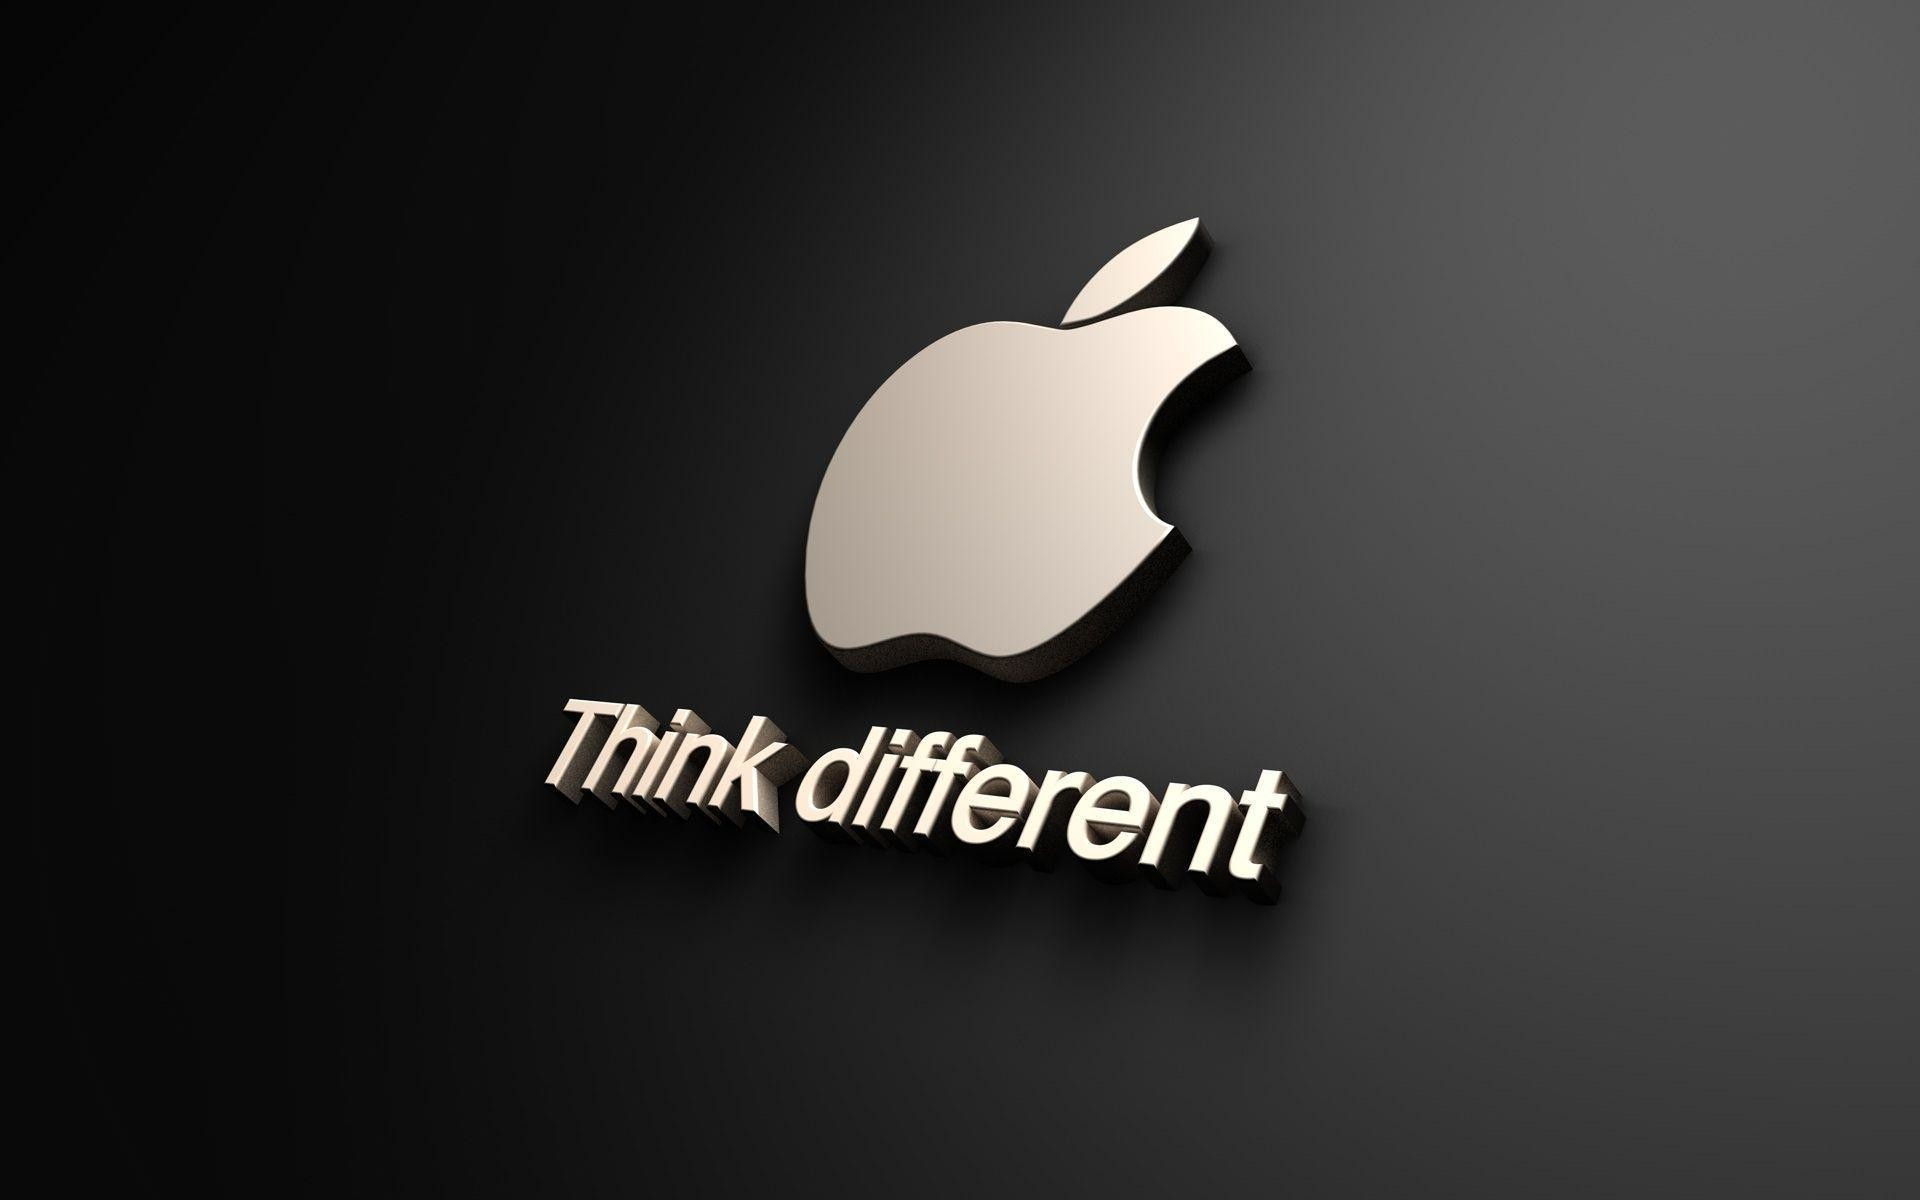 apple desktop wallpaper hd ·①